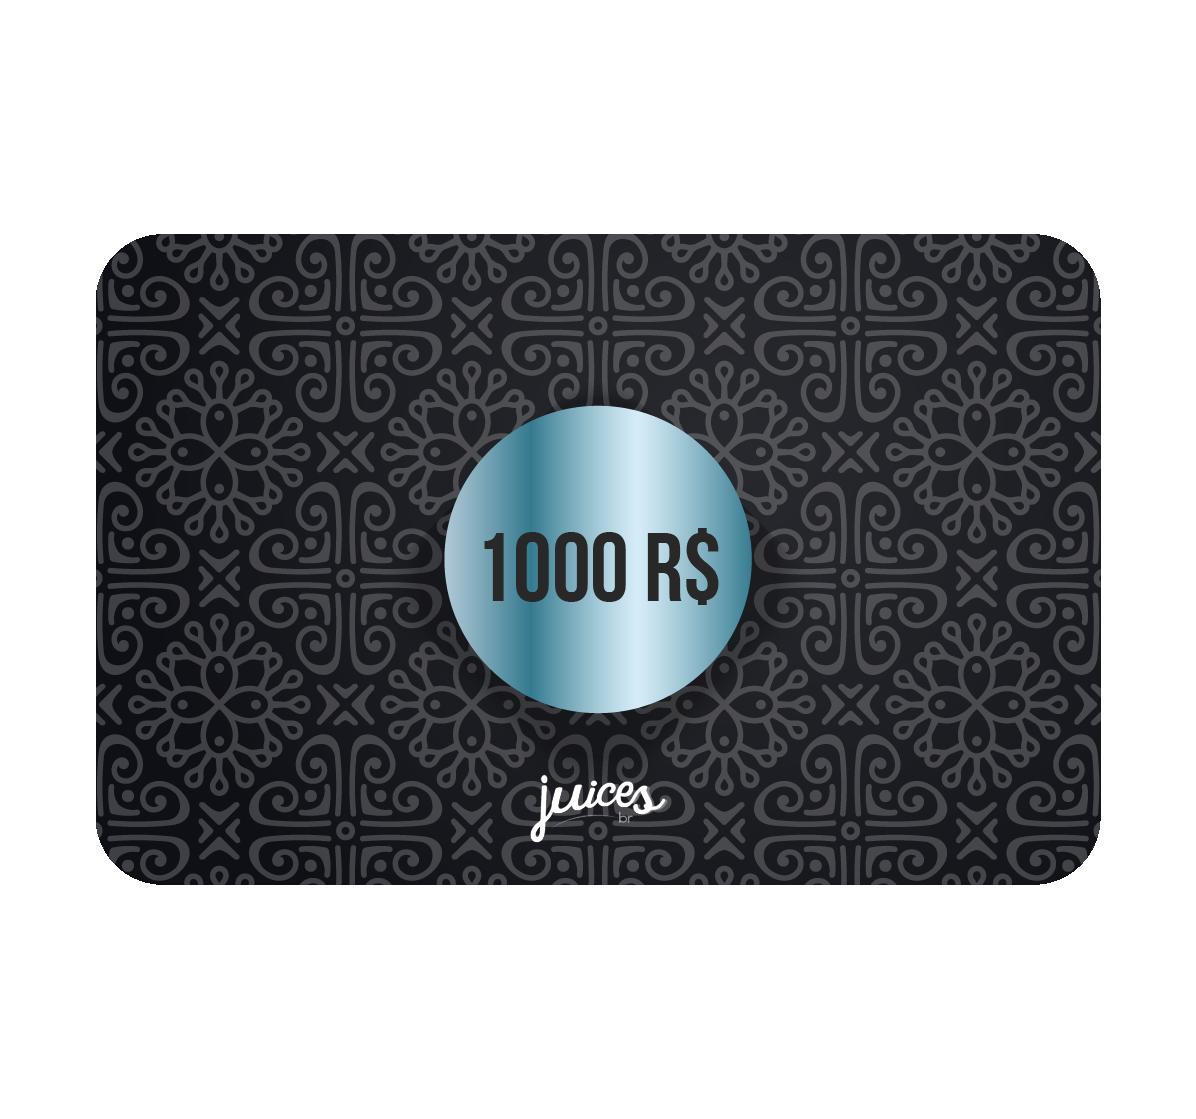 Cartão Presente Online - R$1000,00